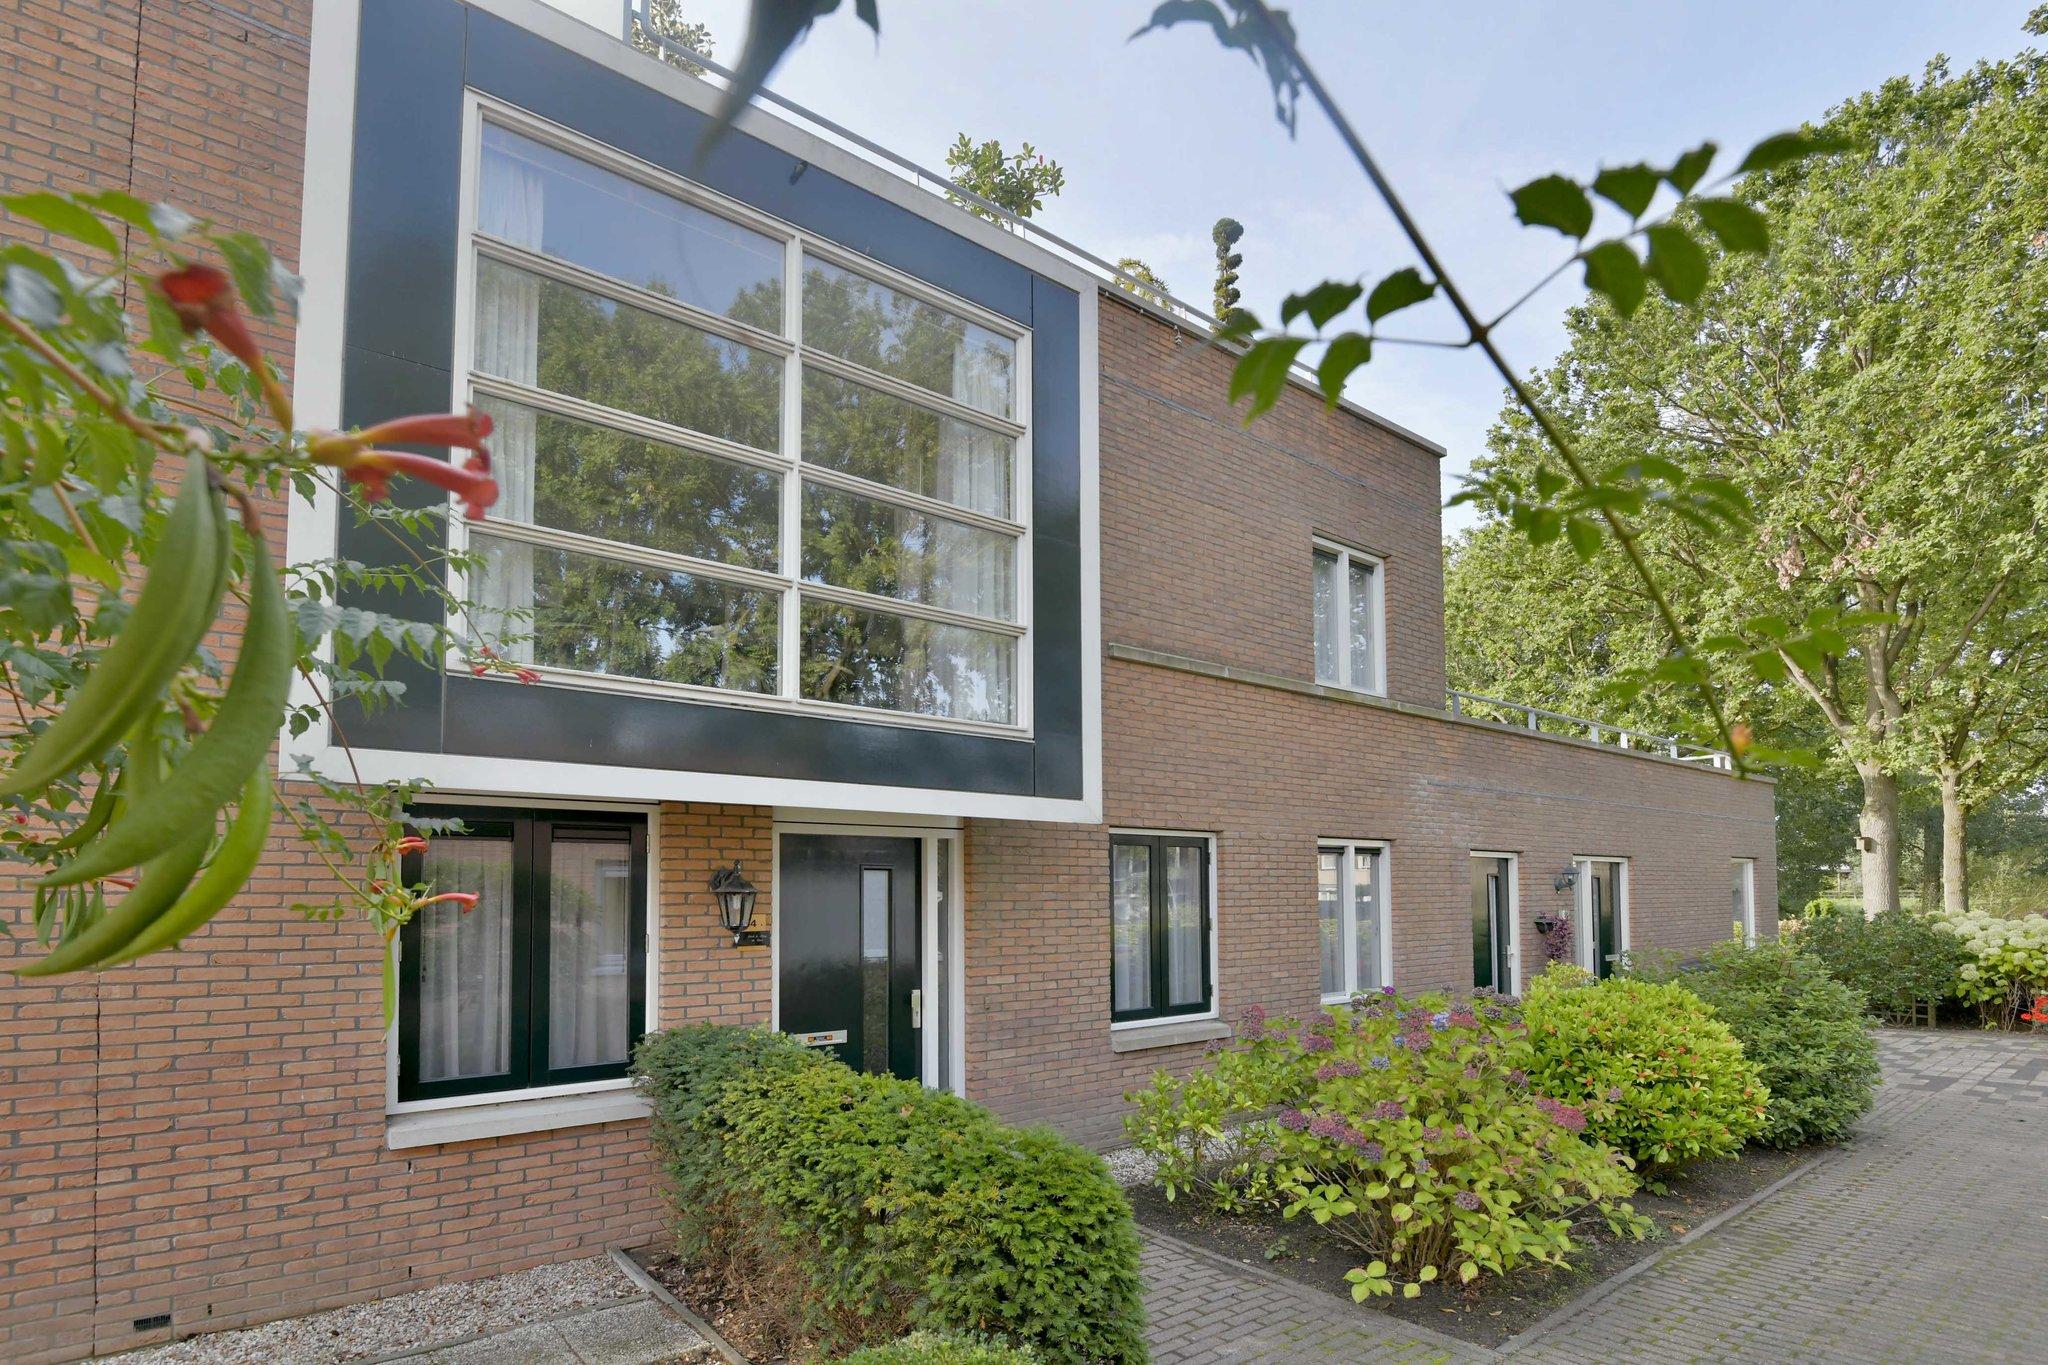 deventer-johan-wensinkstraat-4207412-foto-2.jpg